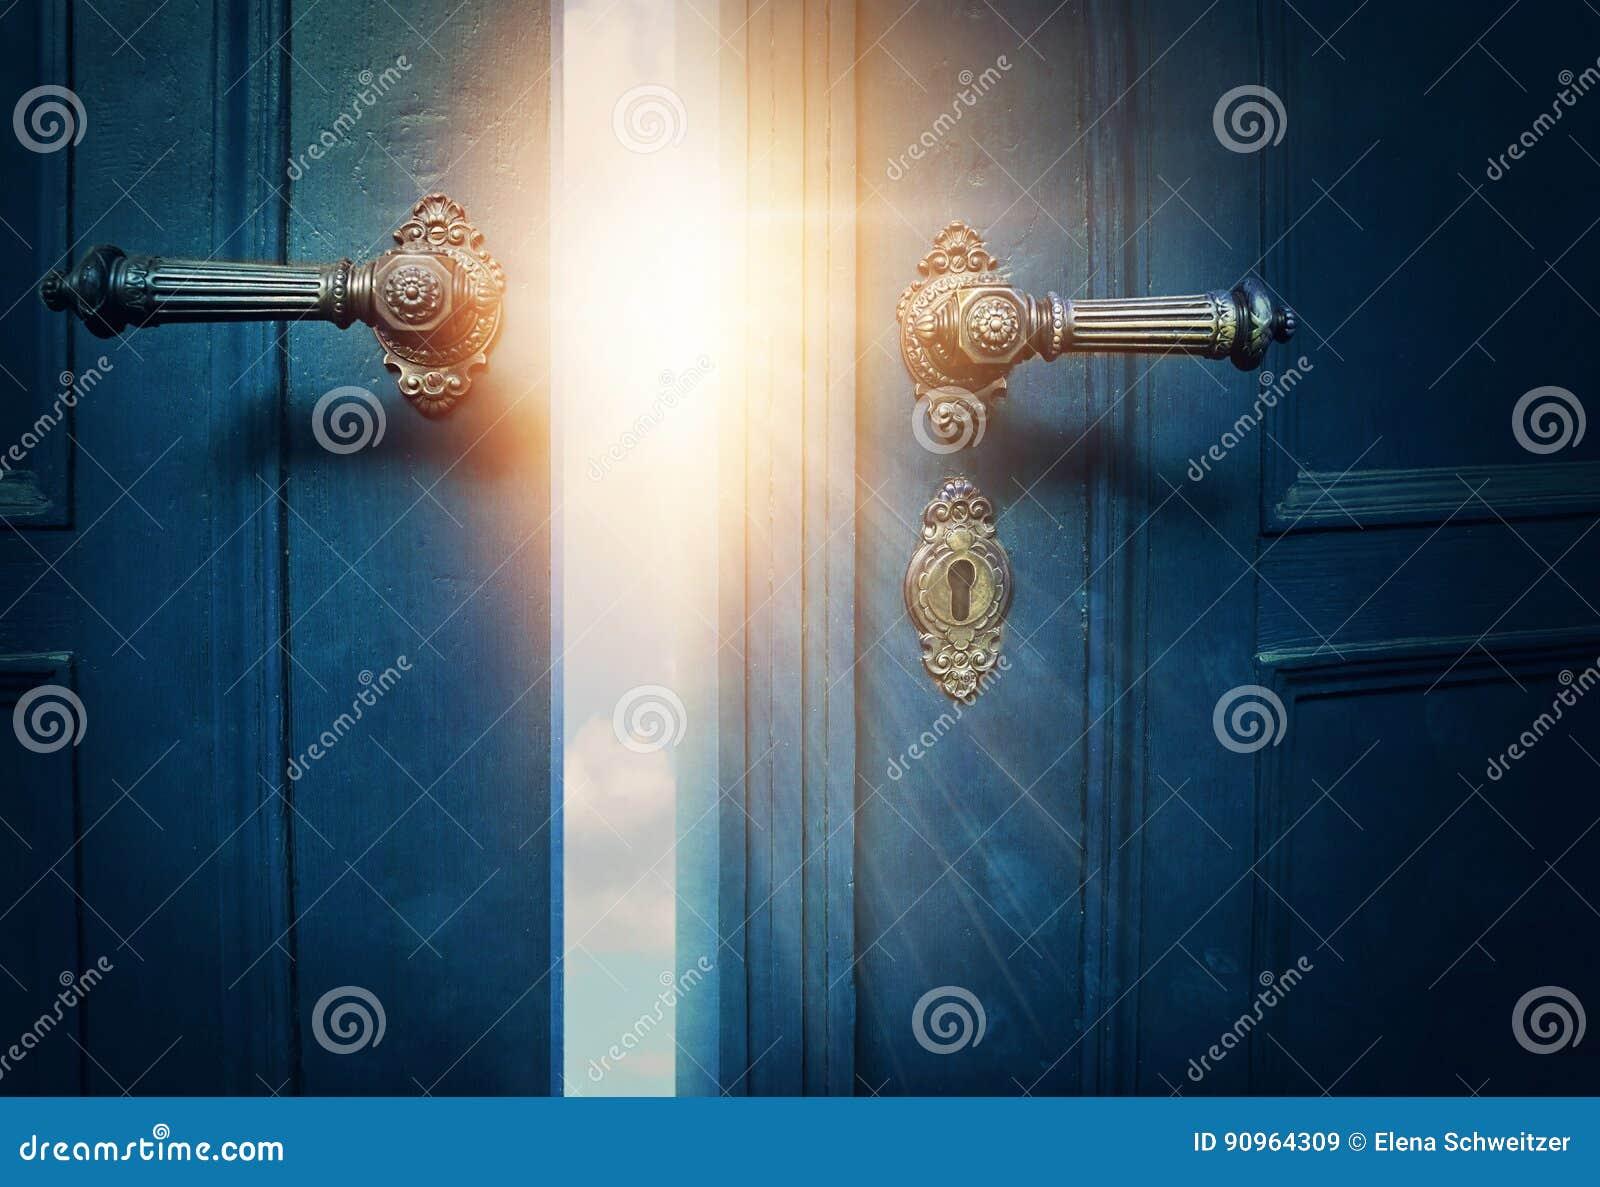 Öffnen Sie blaue Tür